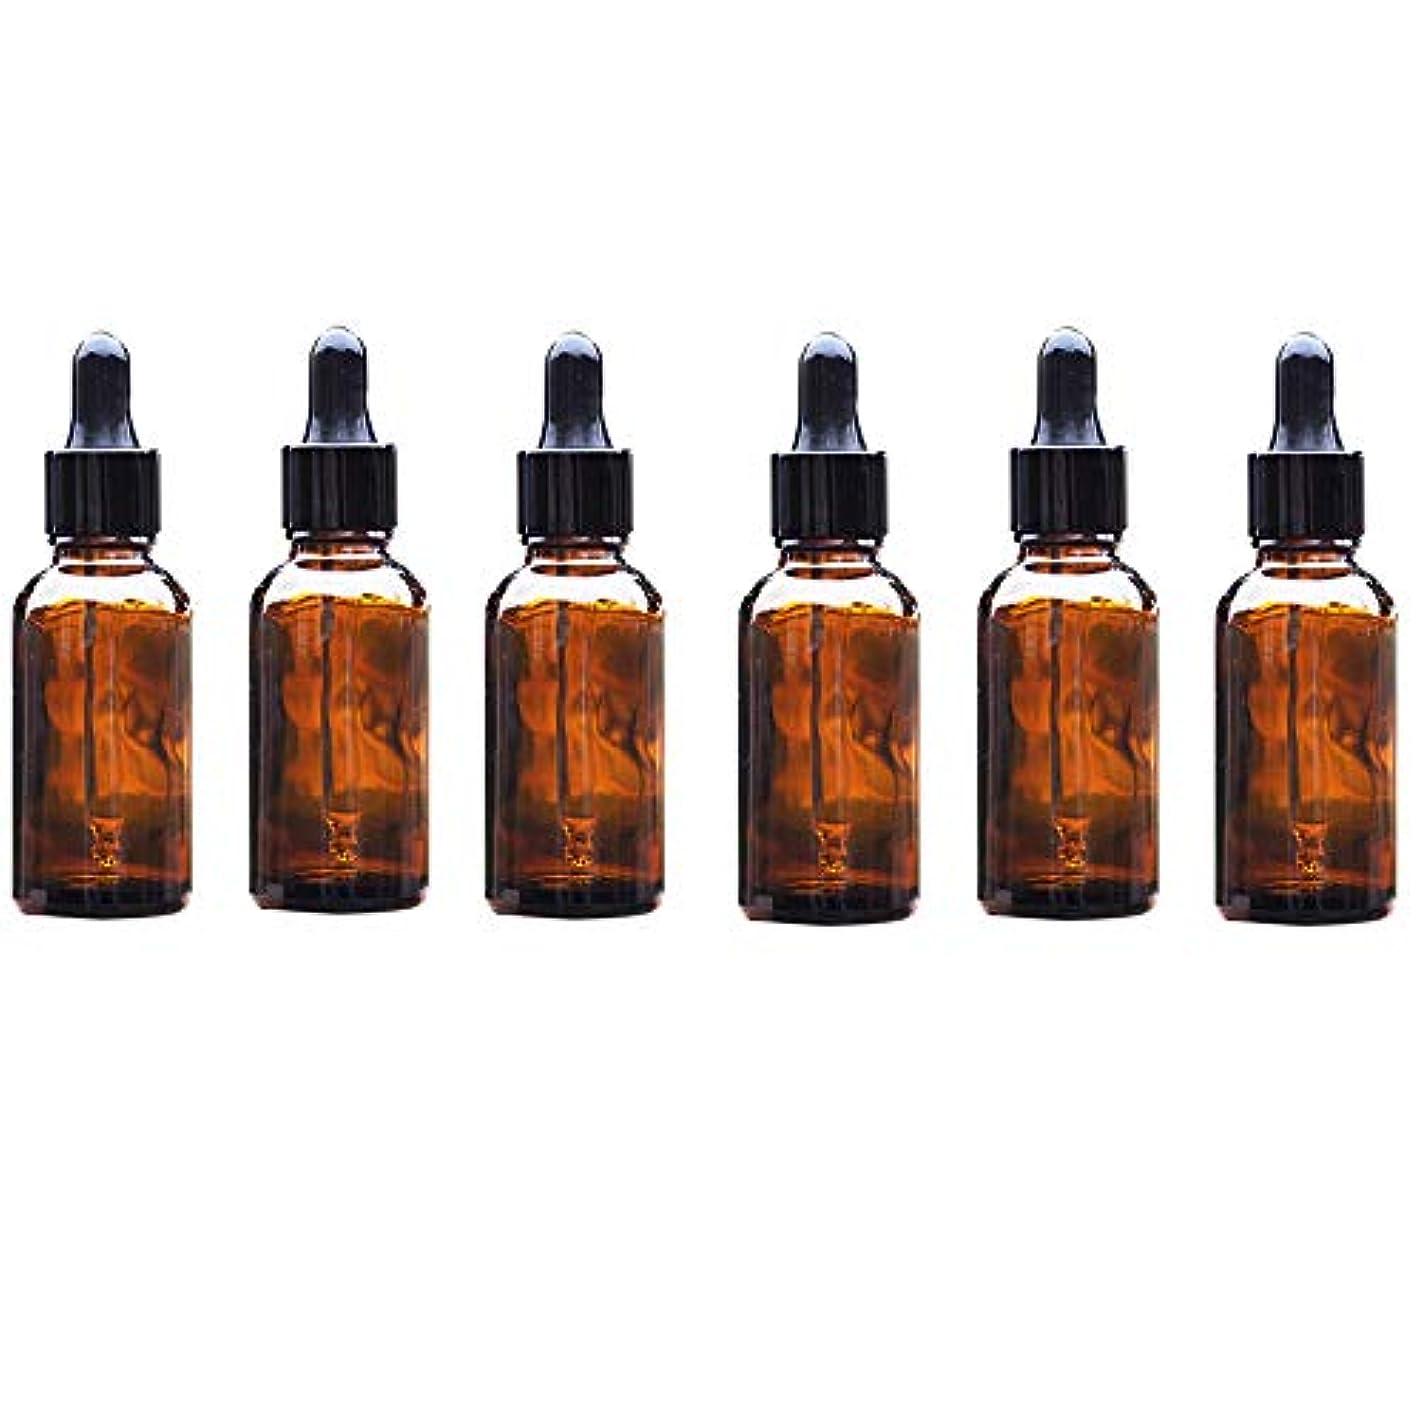 予見する多用途Lindexs スポイト遮光瓶 アロマボトル アロマ保存容器 アロマオイル エッセンシャルオイル 精油 小分け用 スポイト キャップ 茶色 遮光瓶 ガラス製 20ml 6本セット